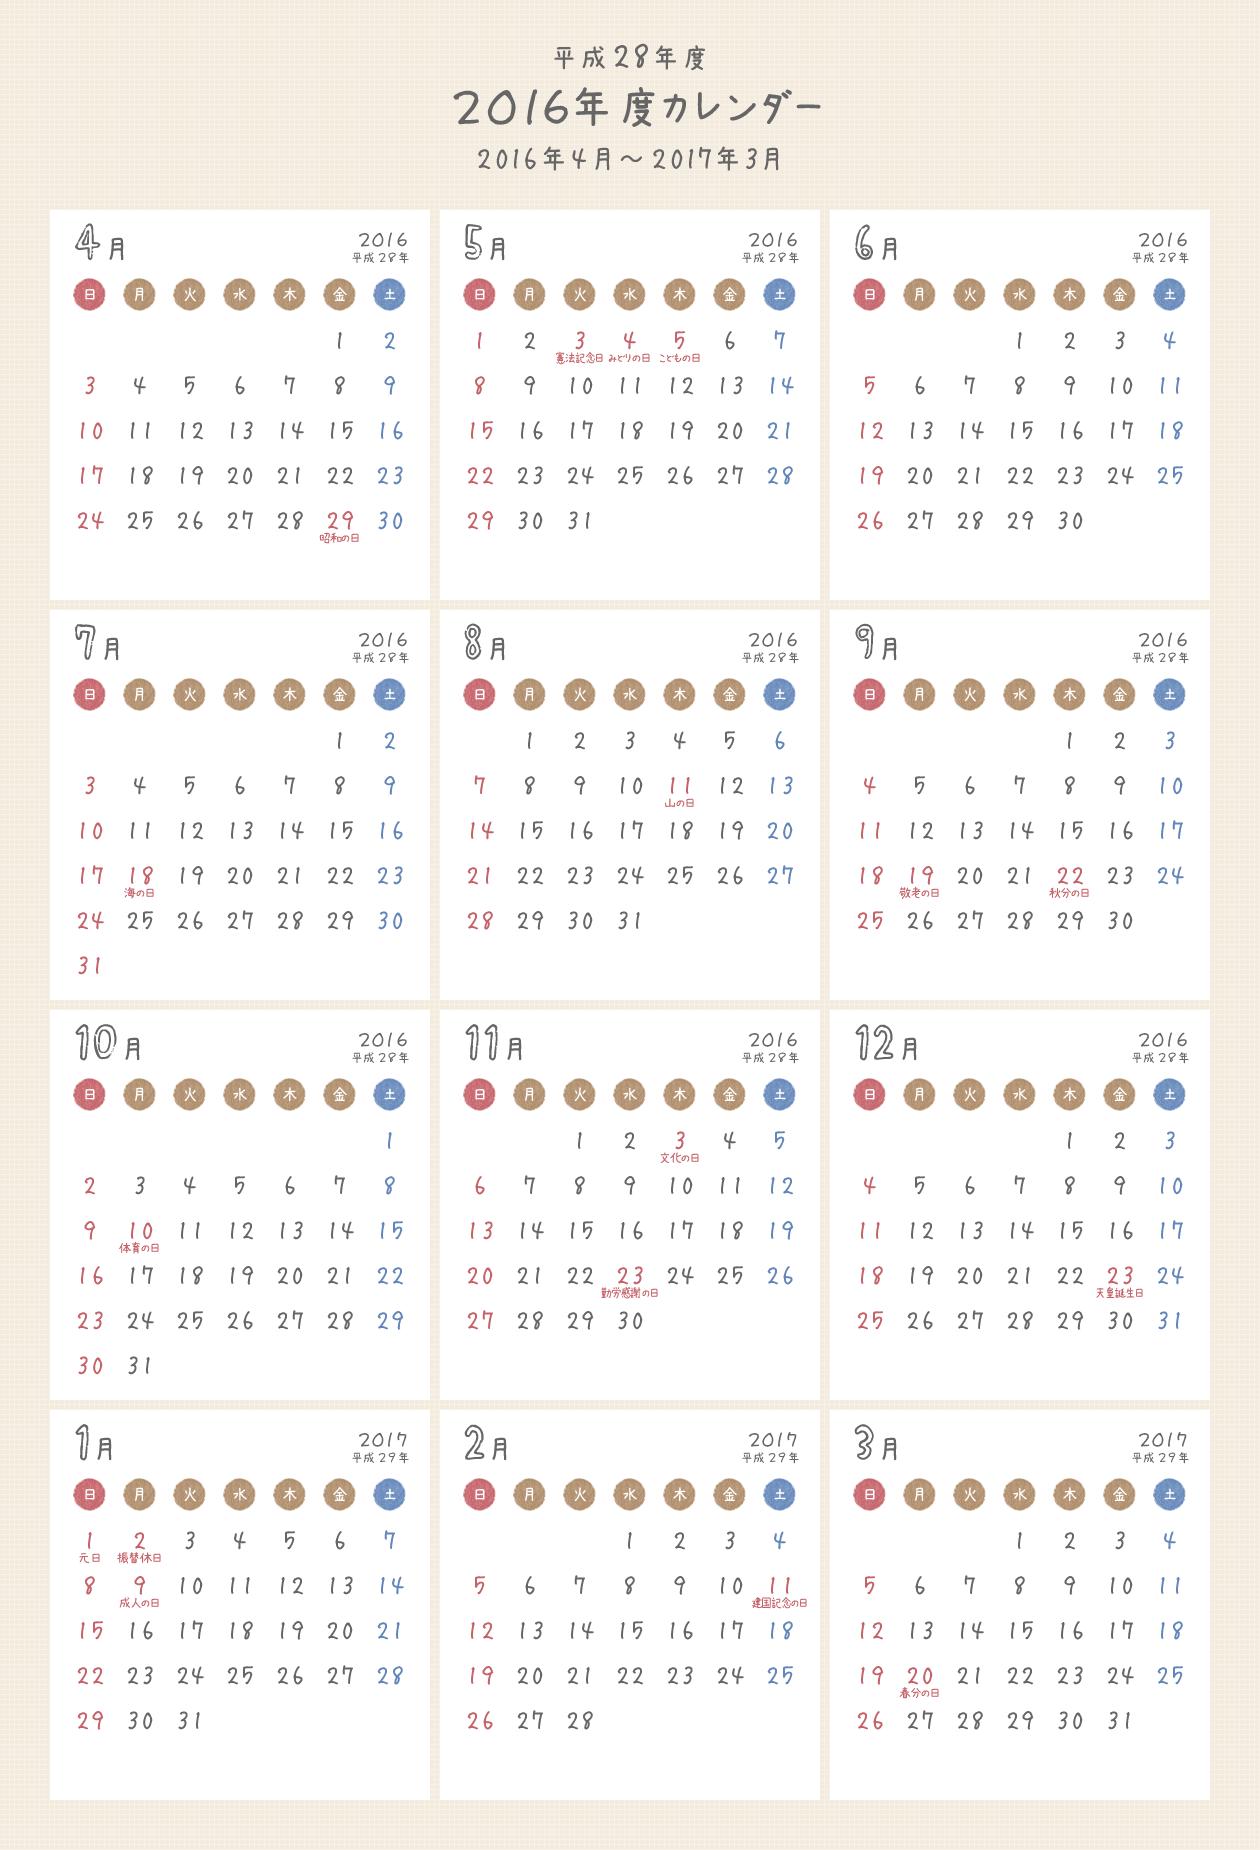 カレンダー カレンダー かわいい : ... 年度)かわいい年間カレンダー